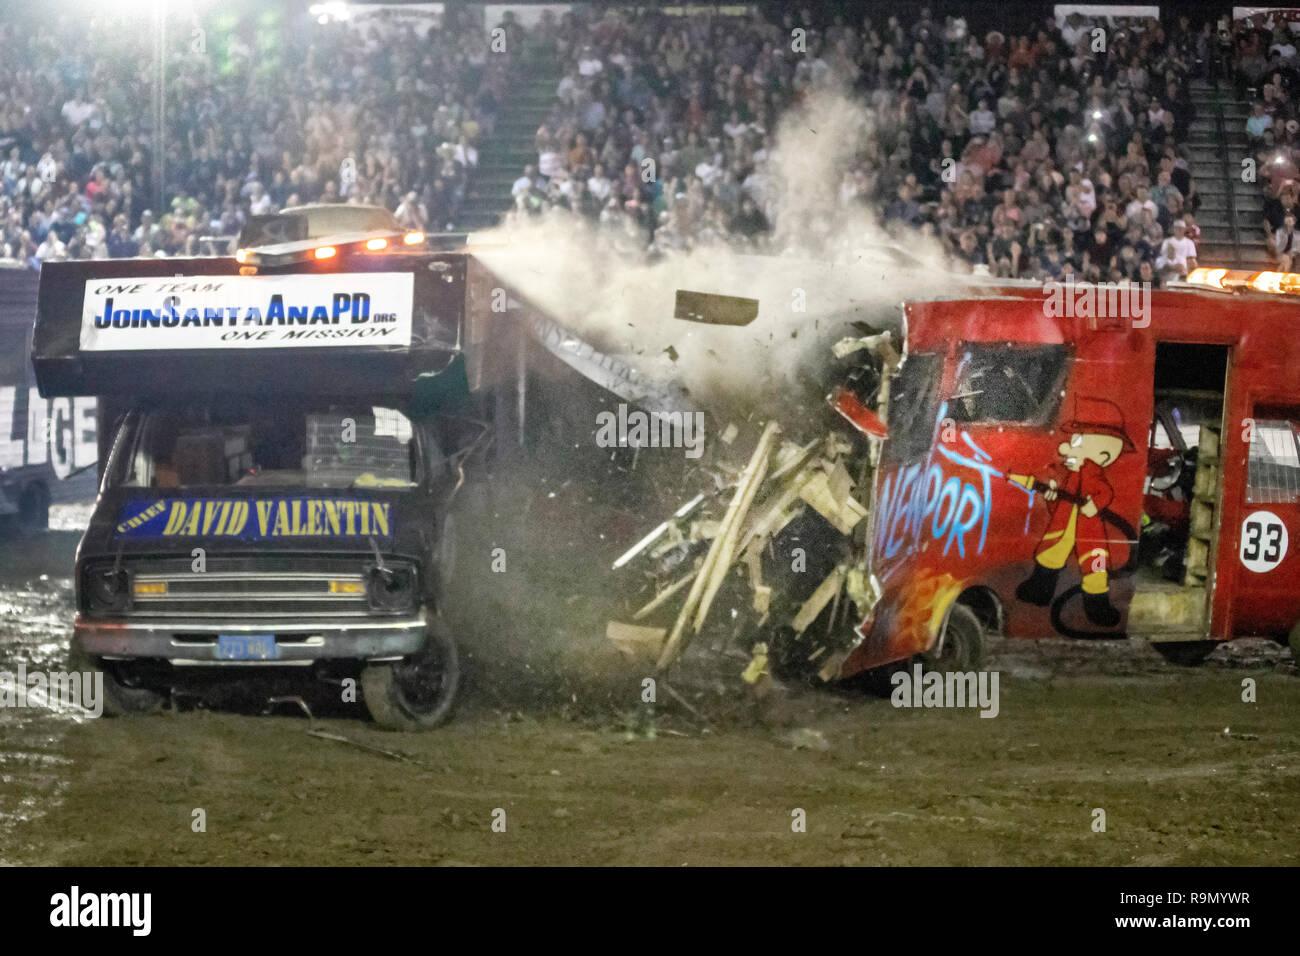 Autocaravanas crash en una noche en un derby de demostración en Costa Mesa, California, estadio ante una gran audiencia. Imagen De Stock